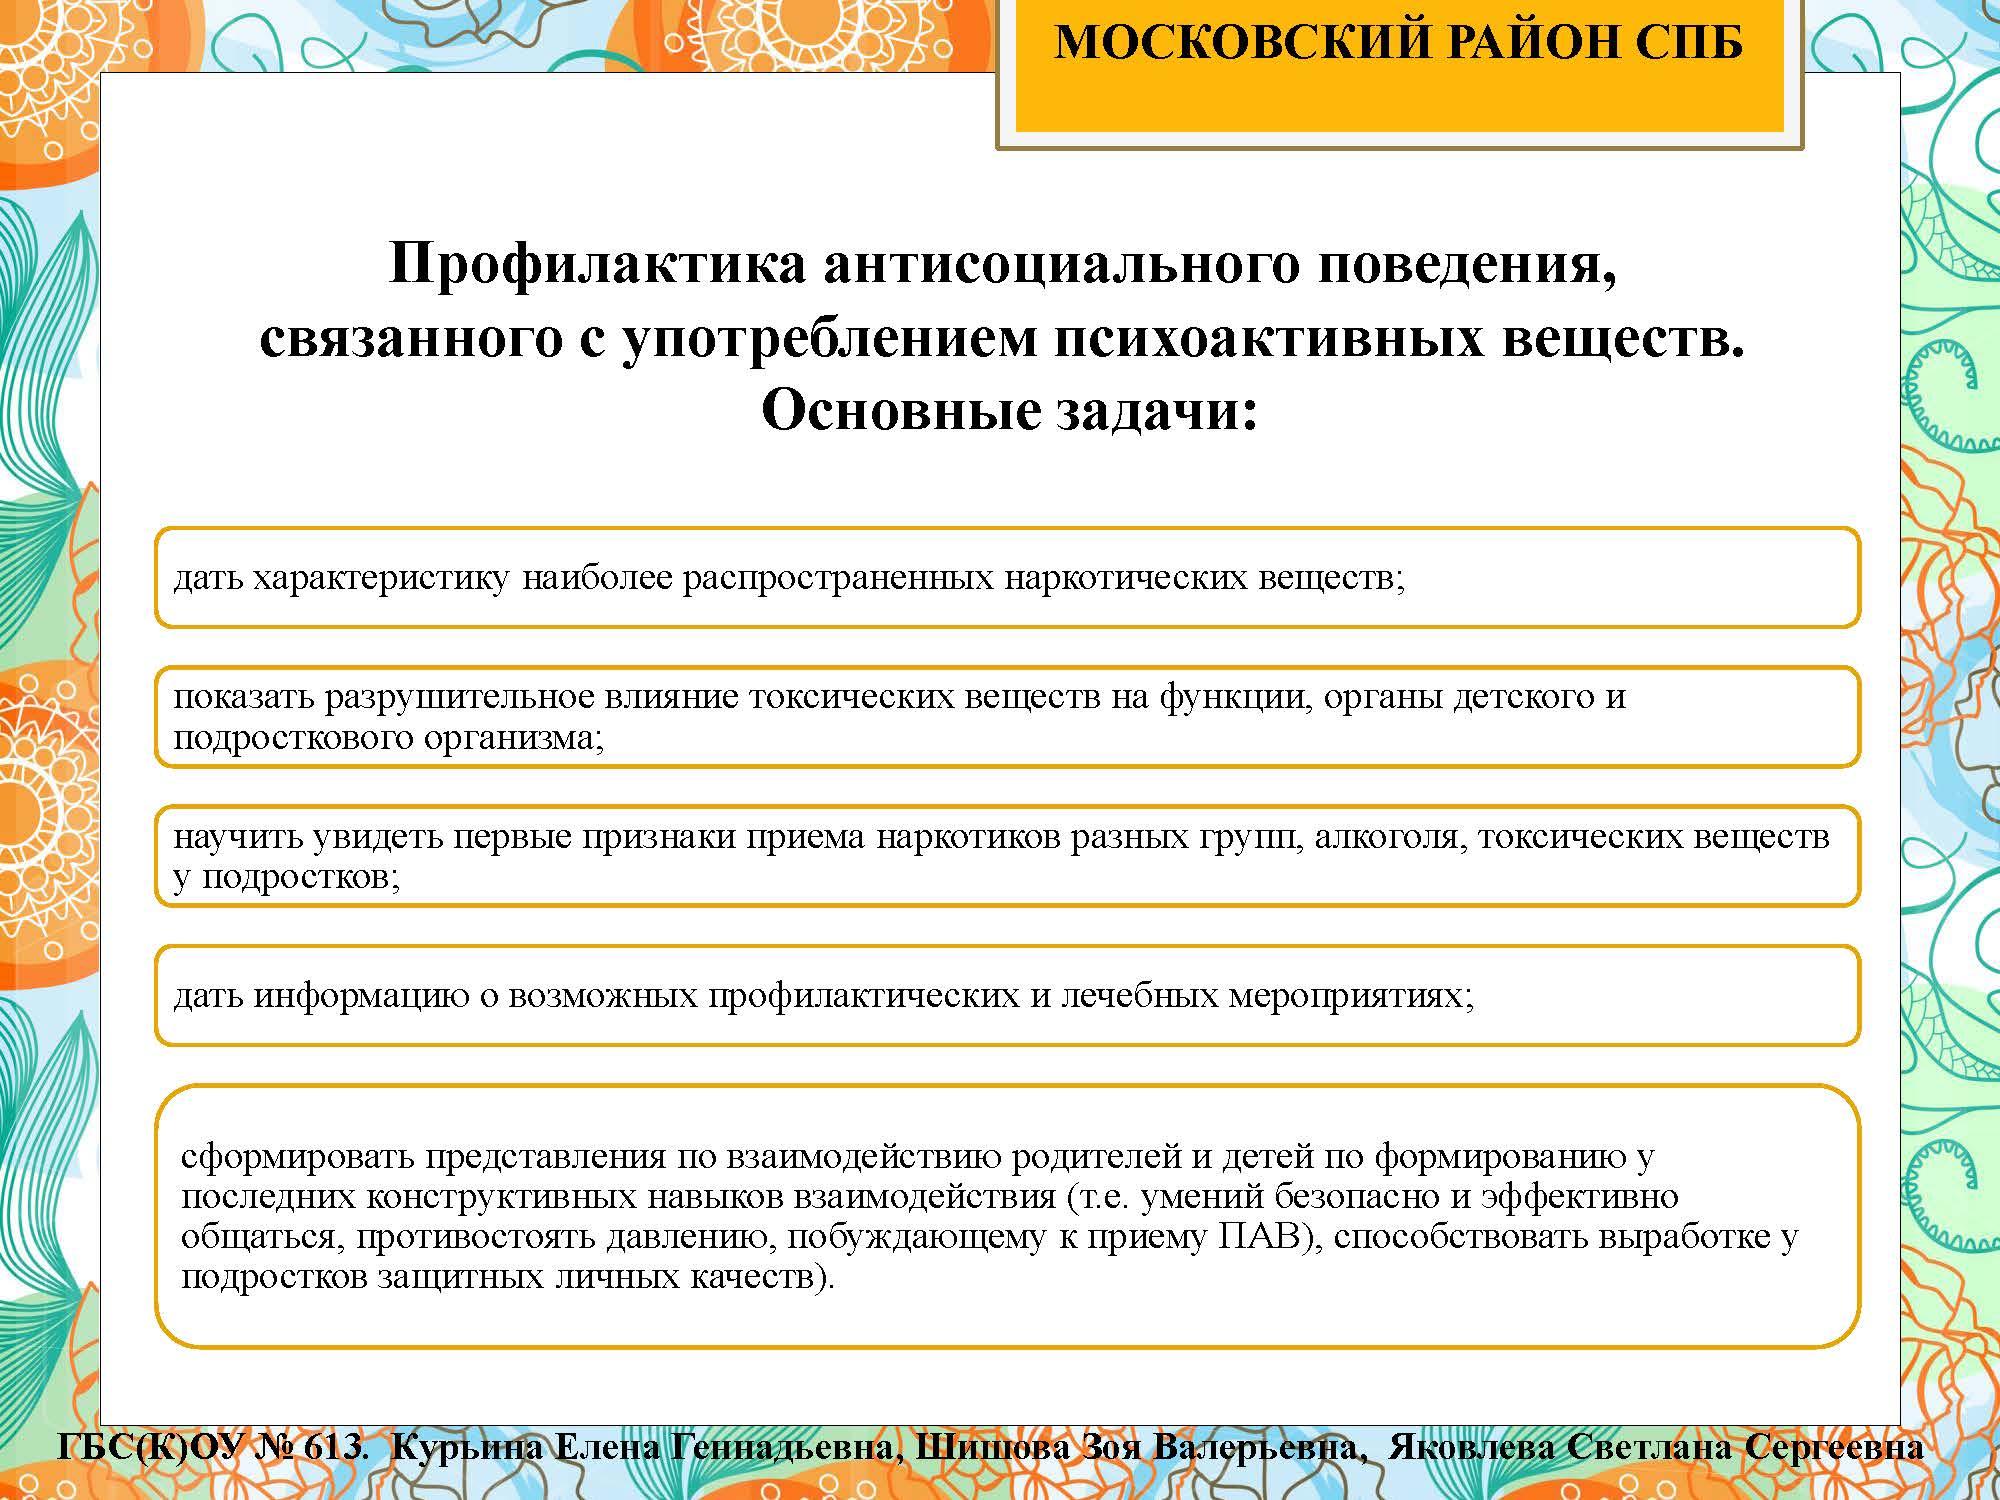 секция 8. ГБС(К)ОУ 613. Московский район_Страница_14